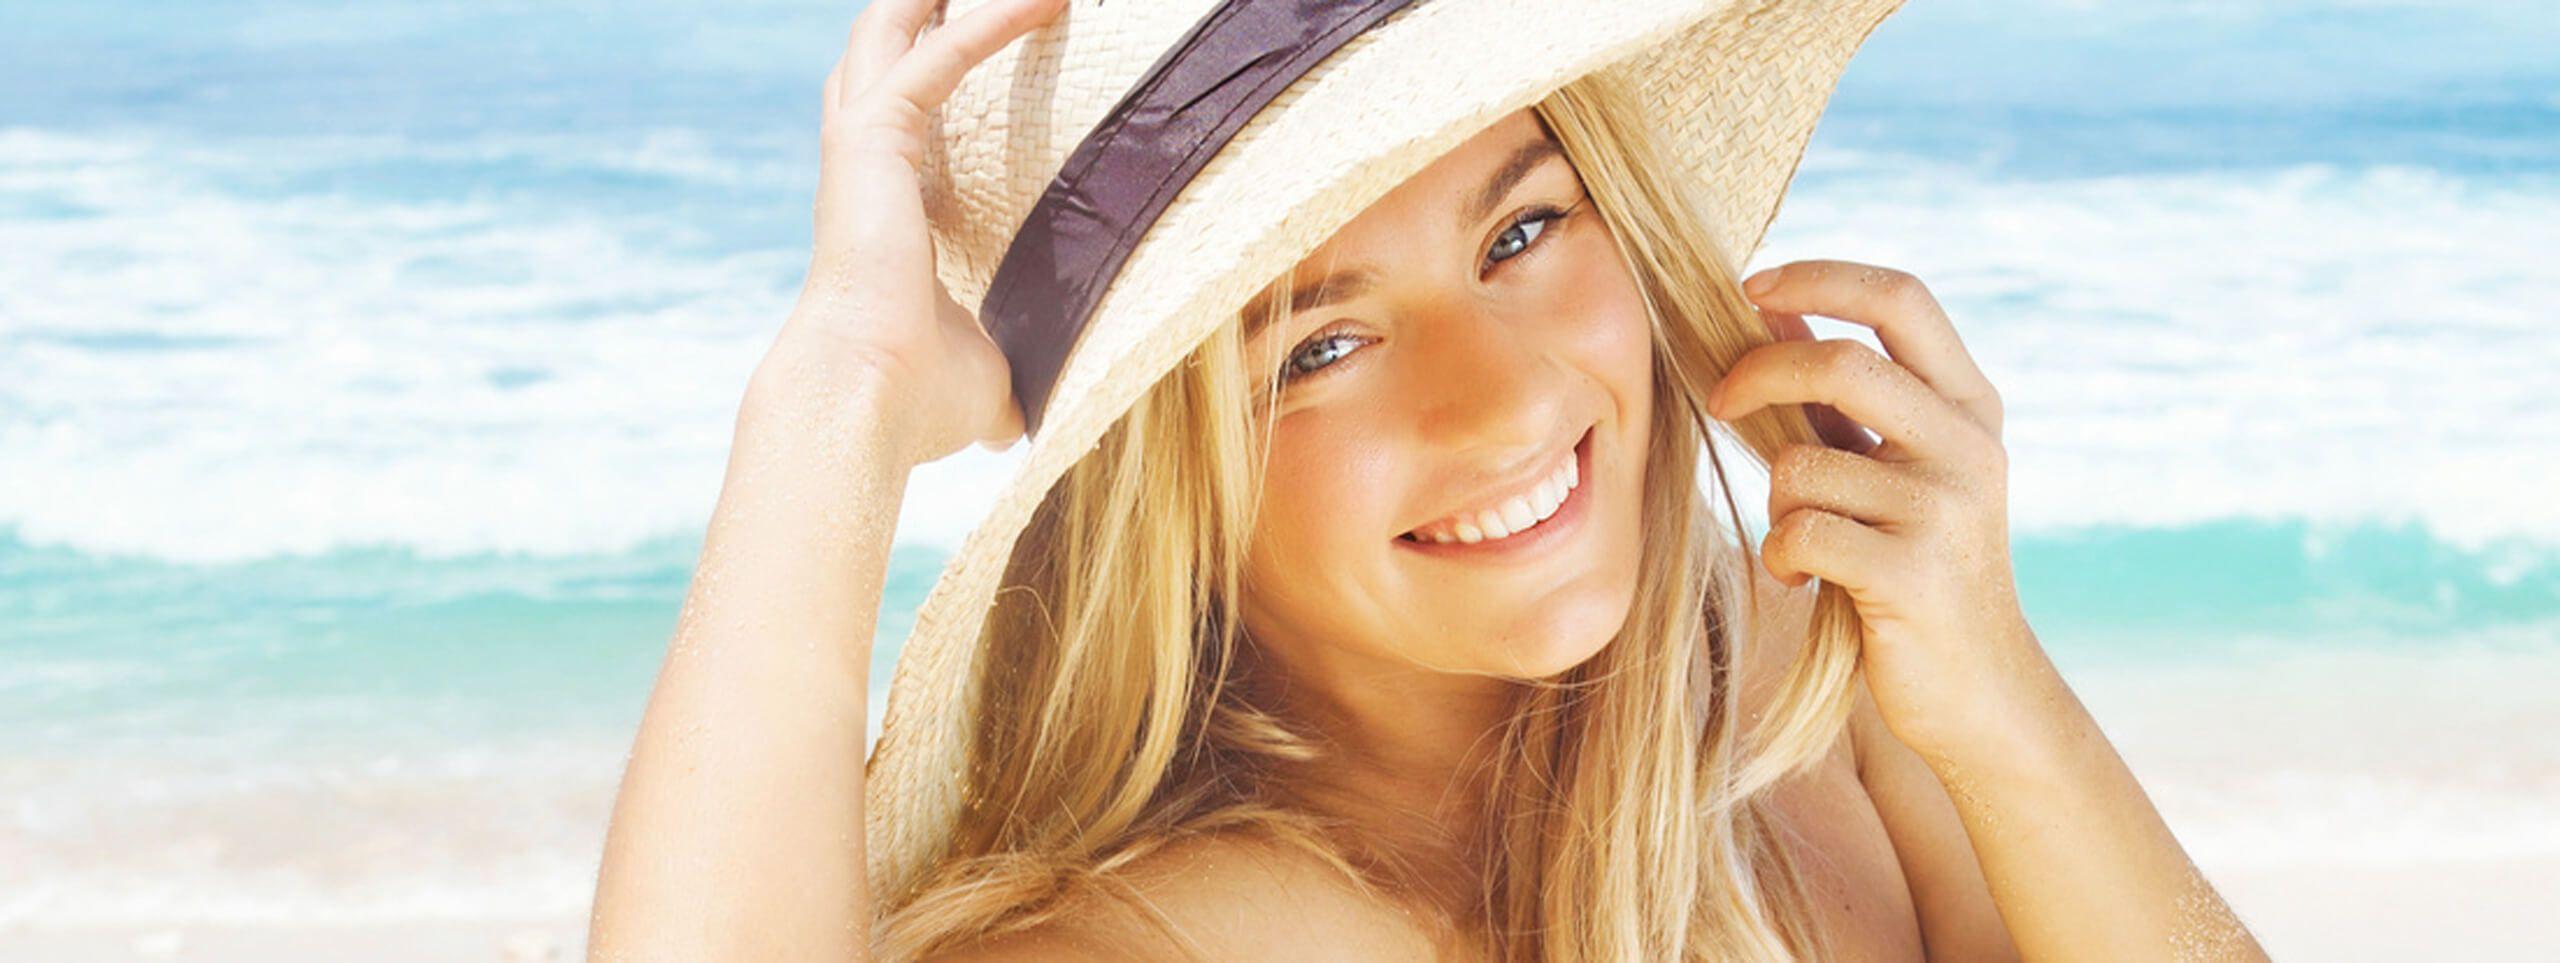 Donna con capelli biondi e cappello di paglia estate